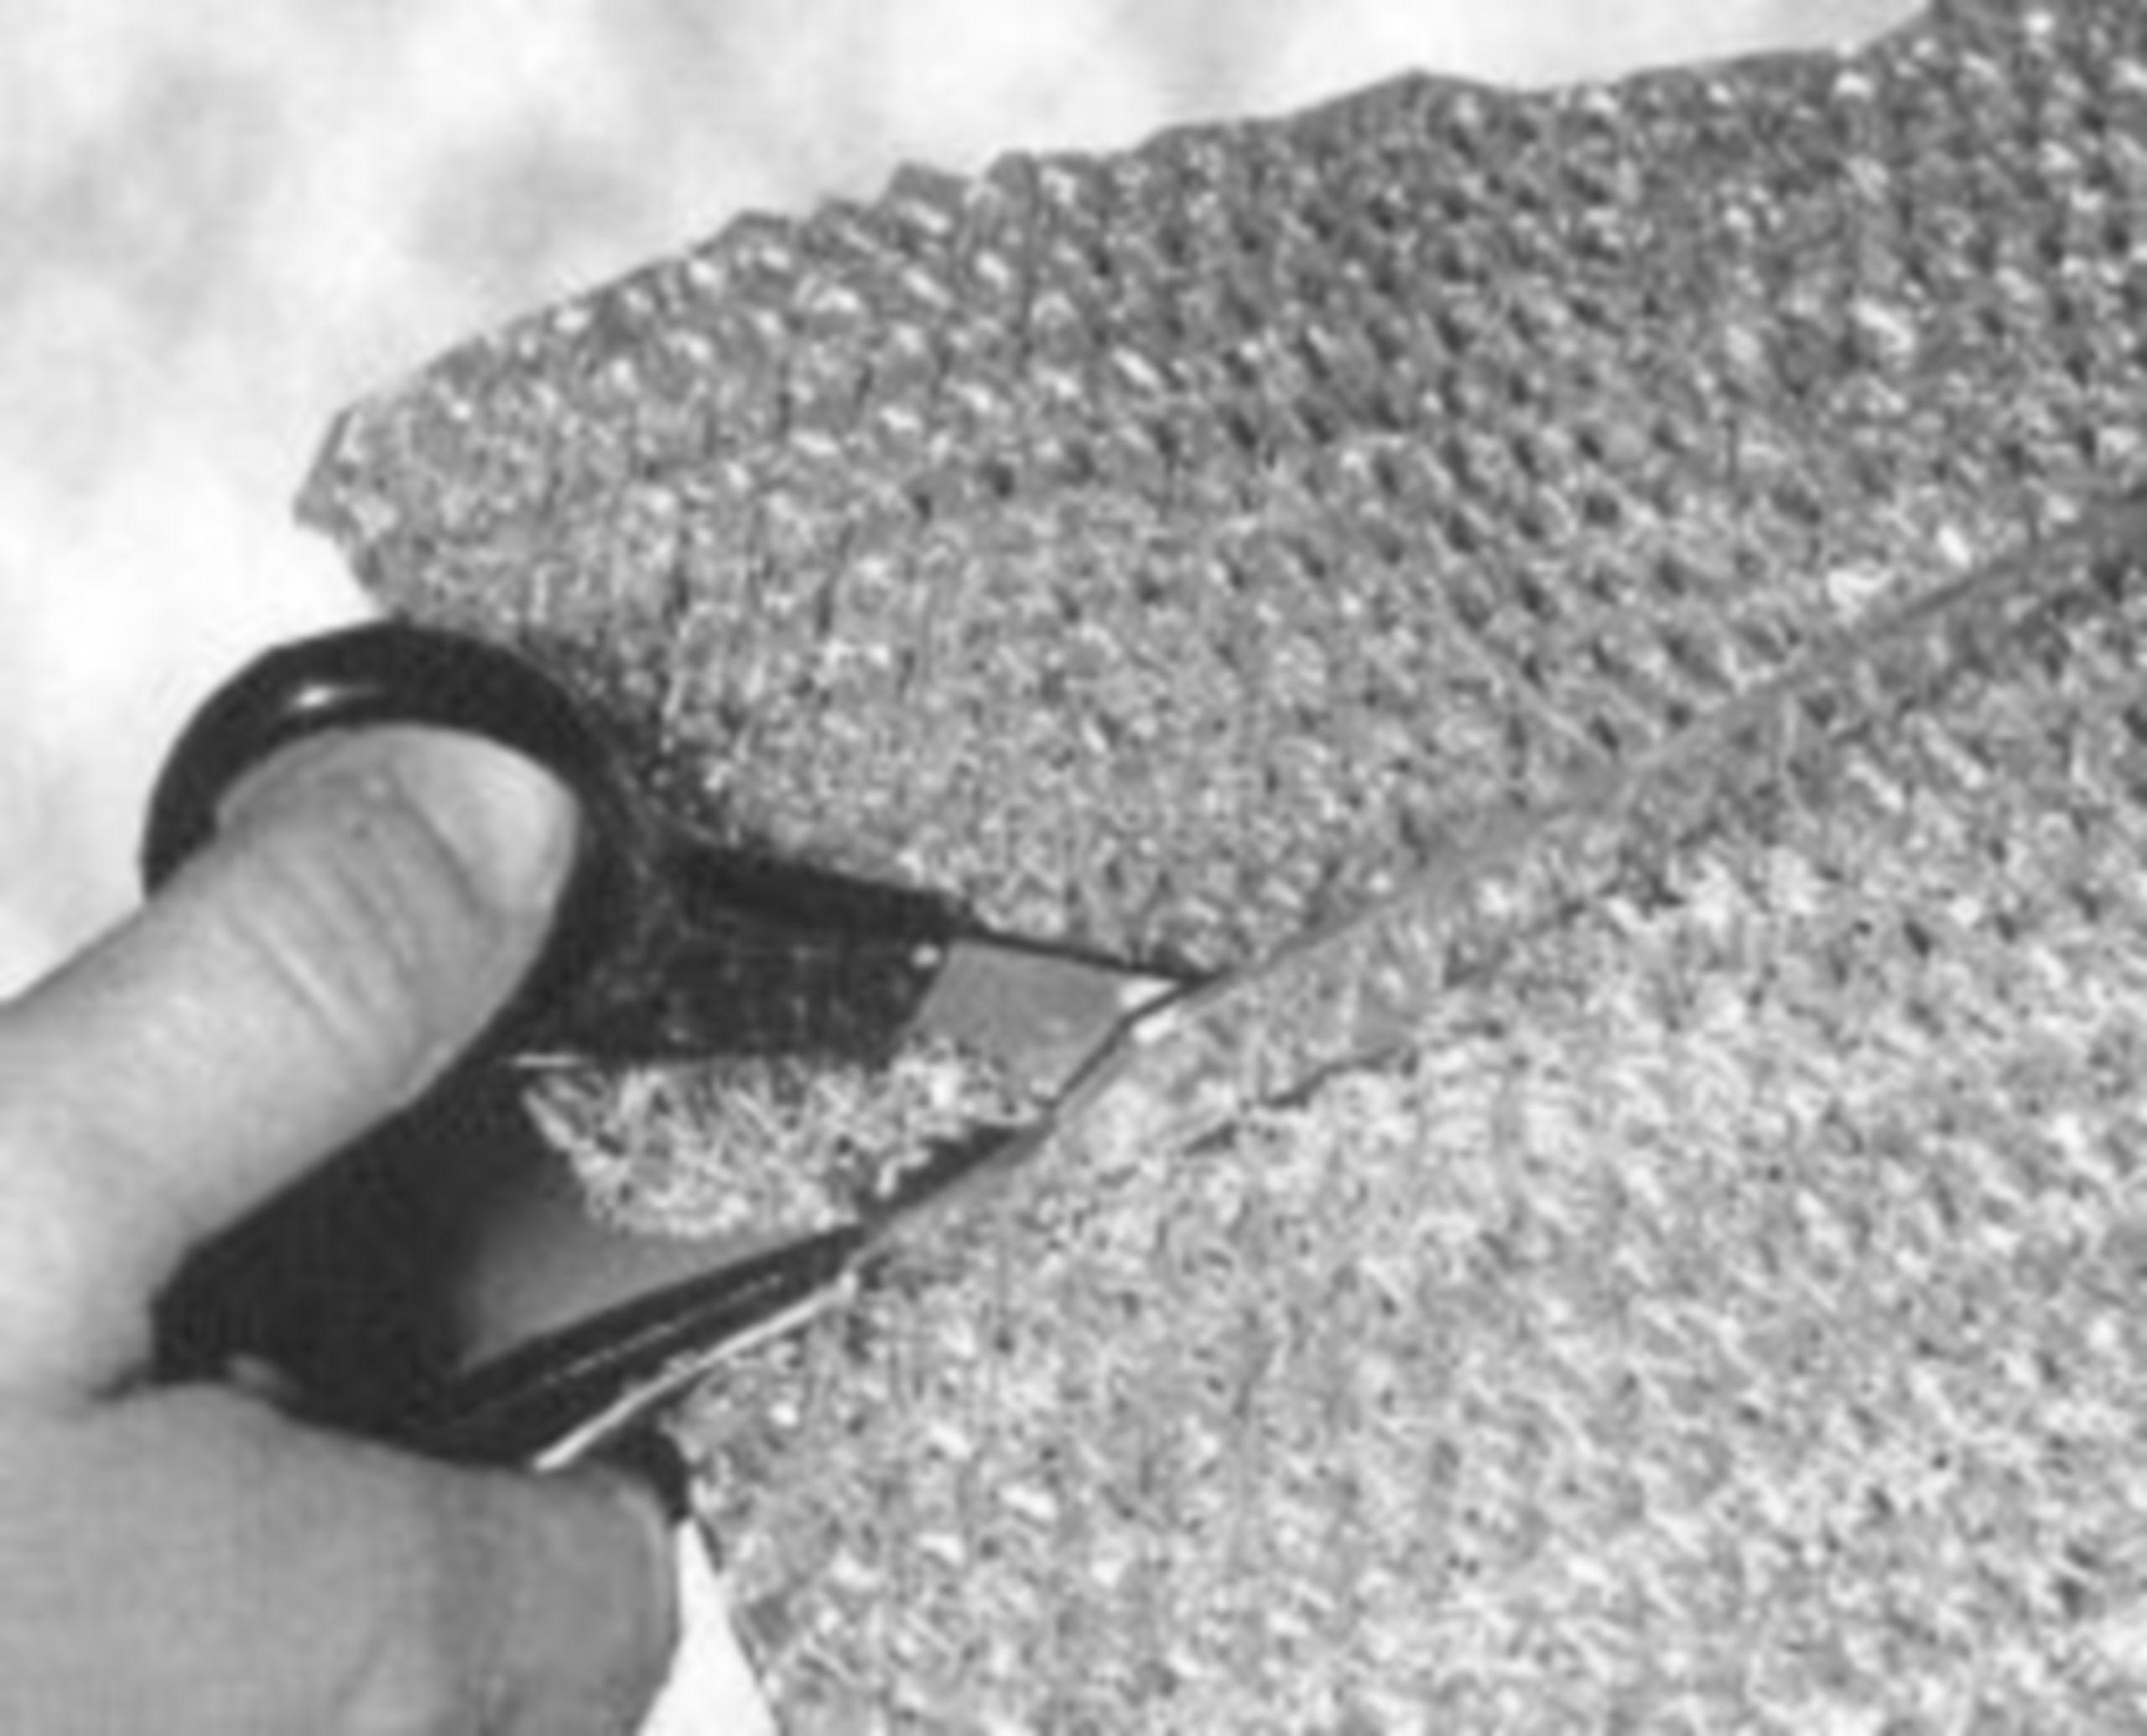 Hliníkový filtr do digestoře 57 cm x 47 cm